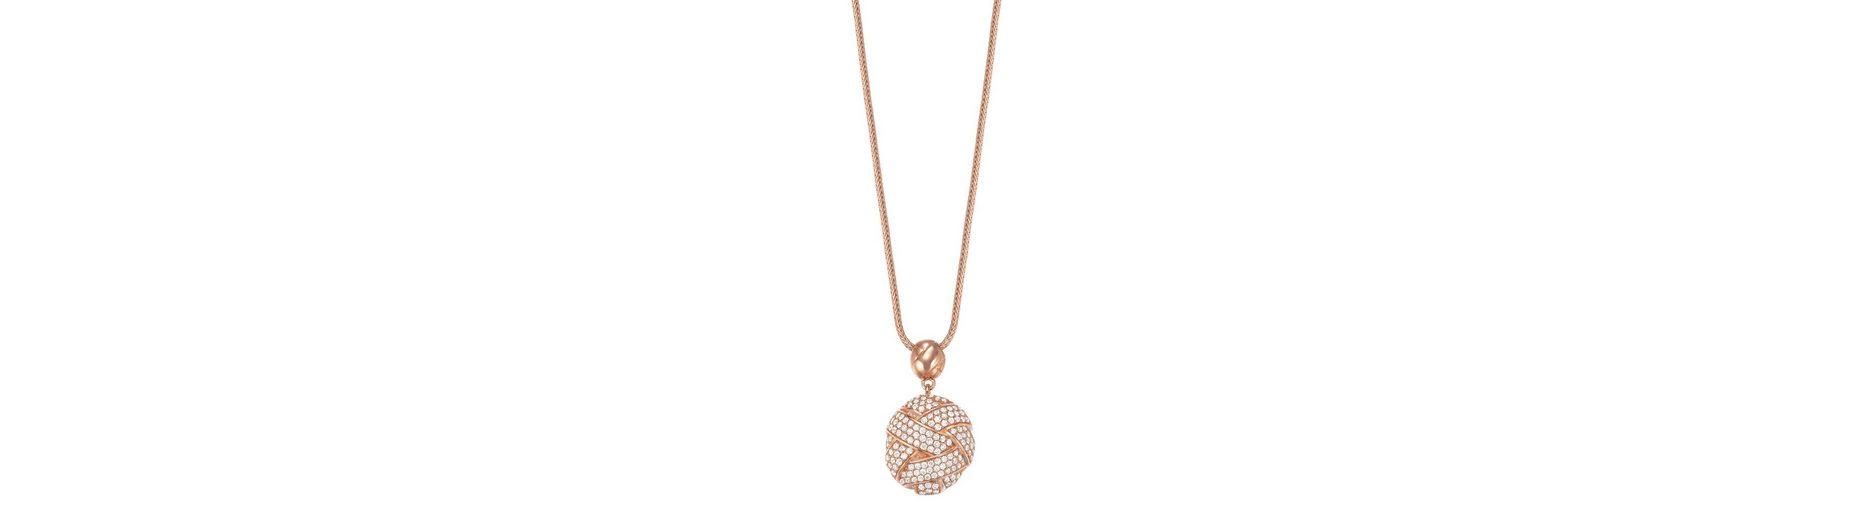 Esprit Halskette, mit Zirkonia, »ESPRIT-JW50060 rose, ESNL02752C800«